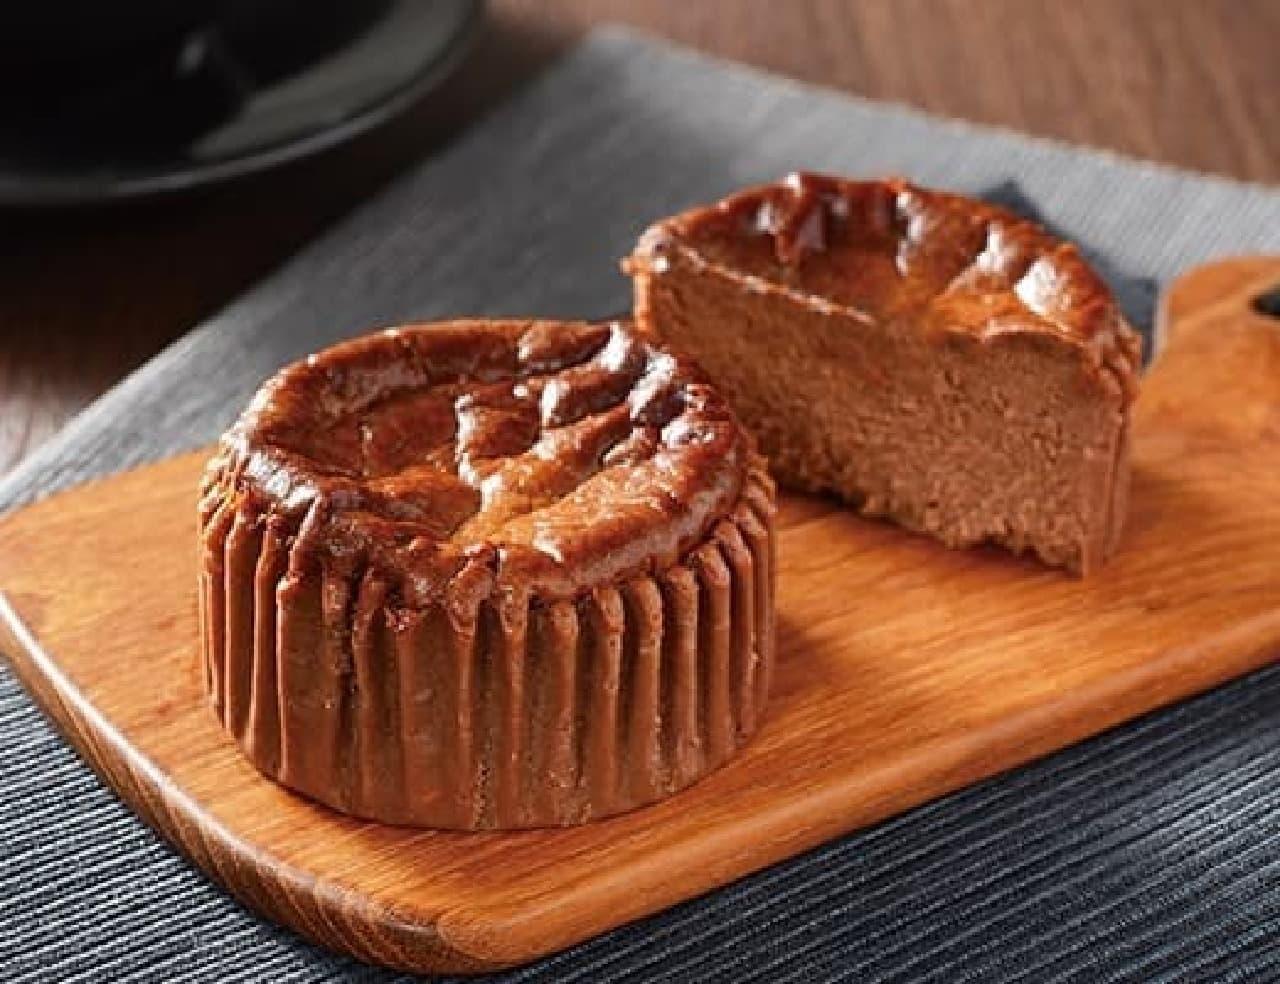 ローソン「バスチー -バスク風ショコラチーズケーキ-」